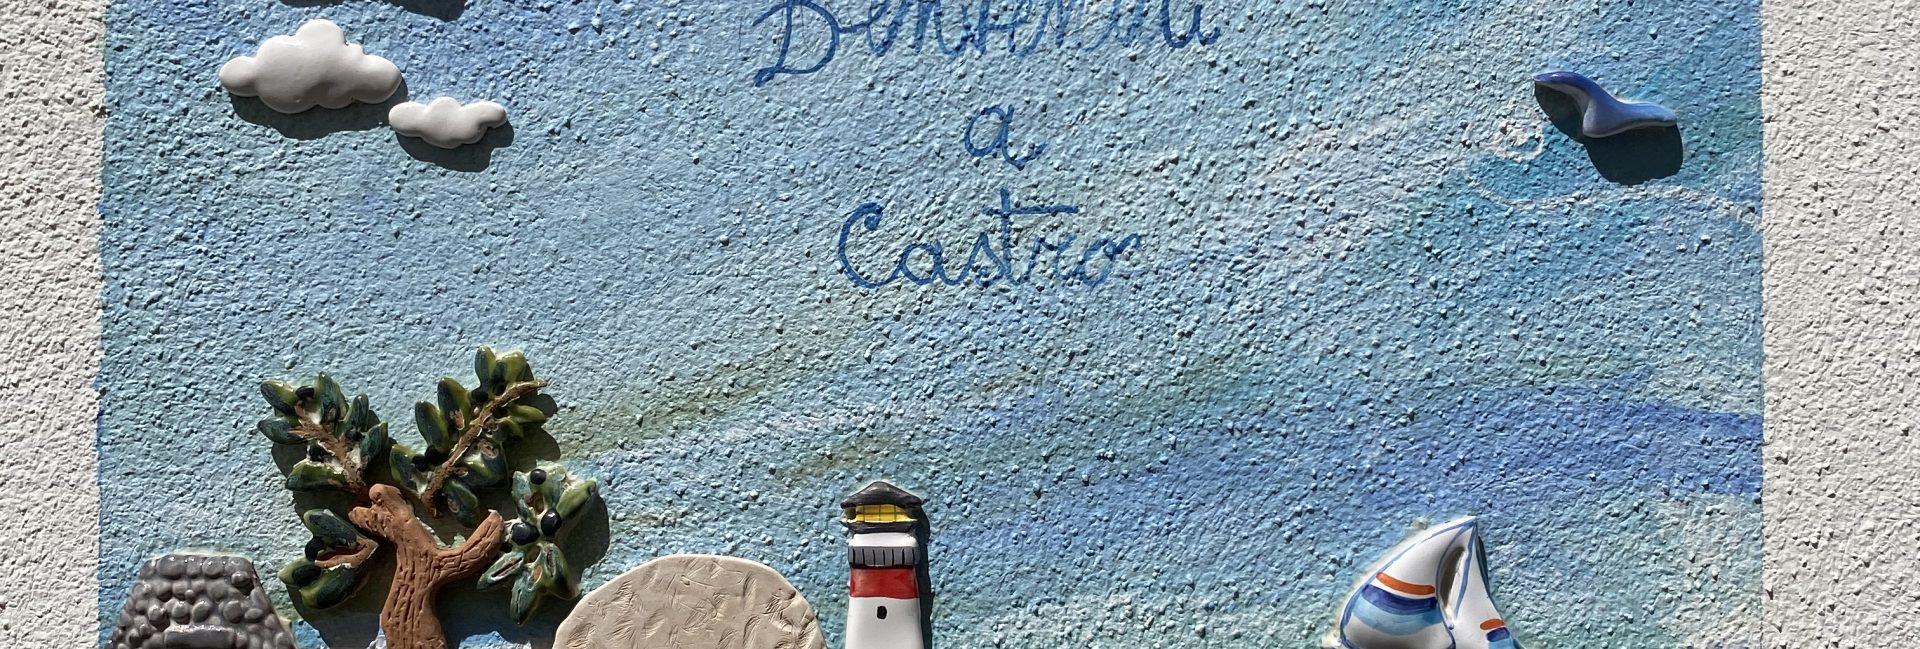 Castro per un giorno - Benvenuti a Castro